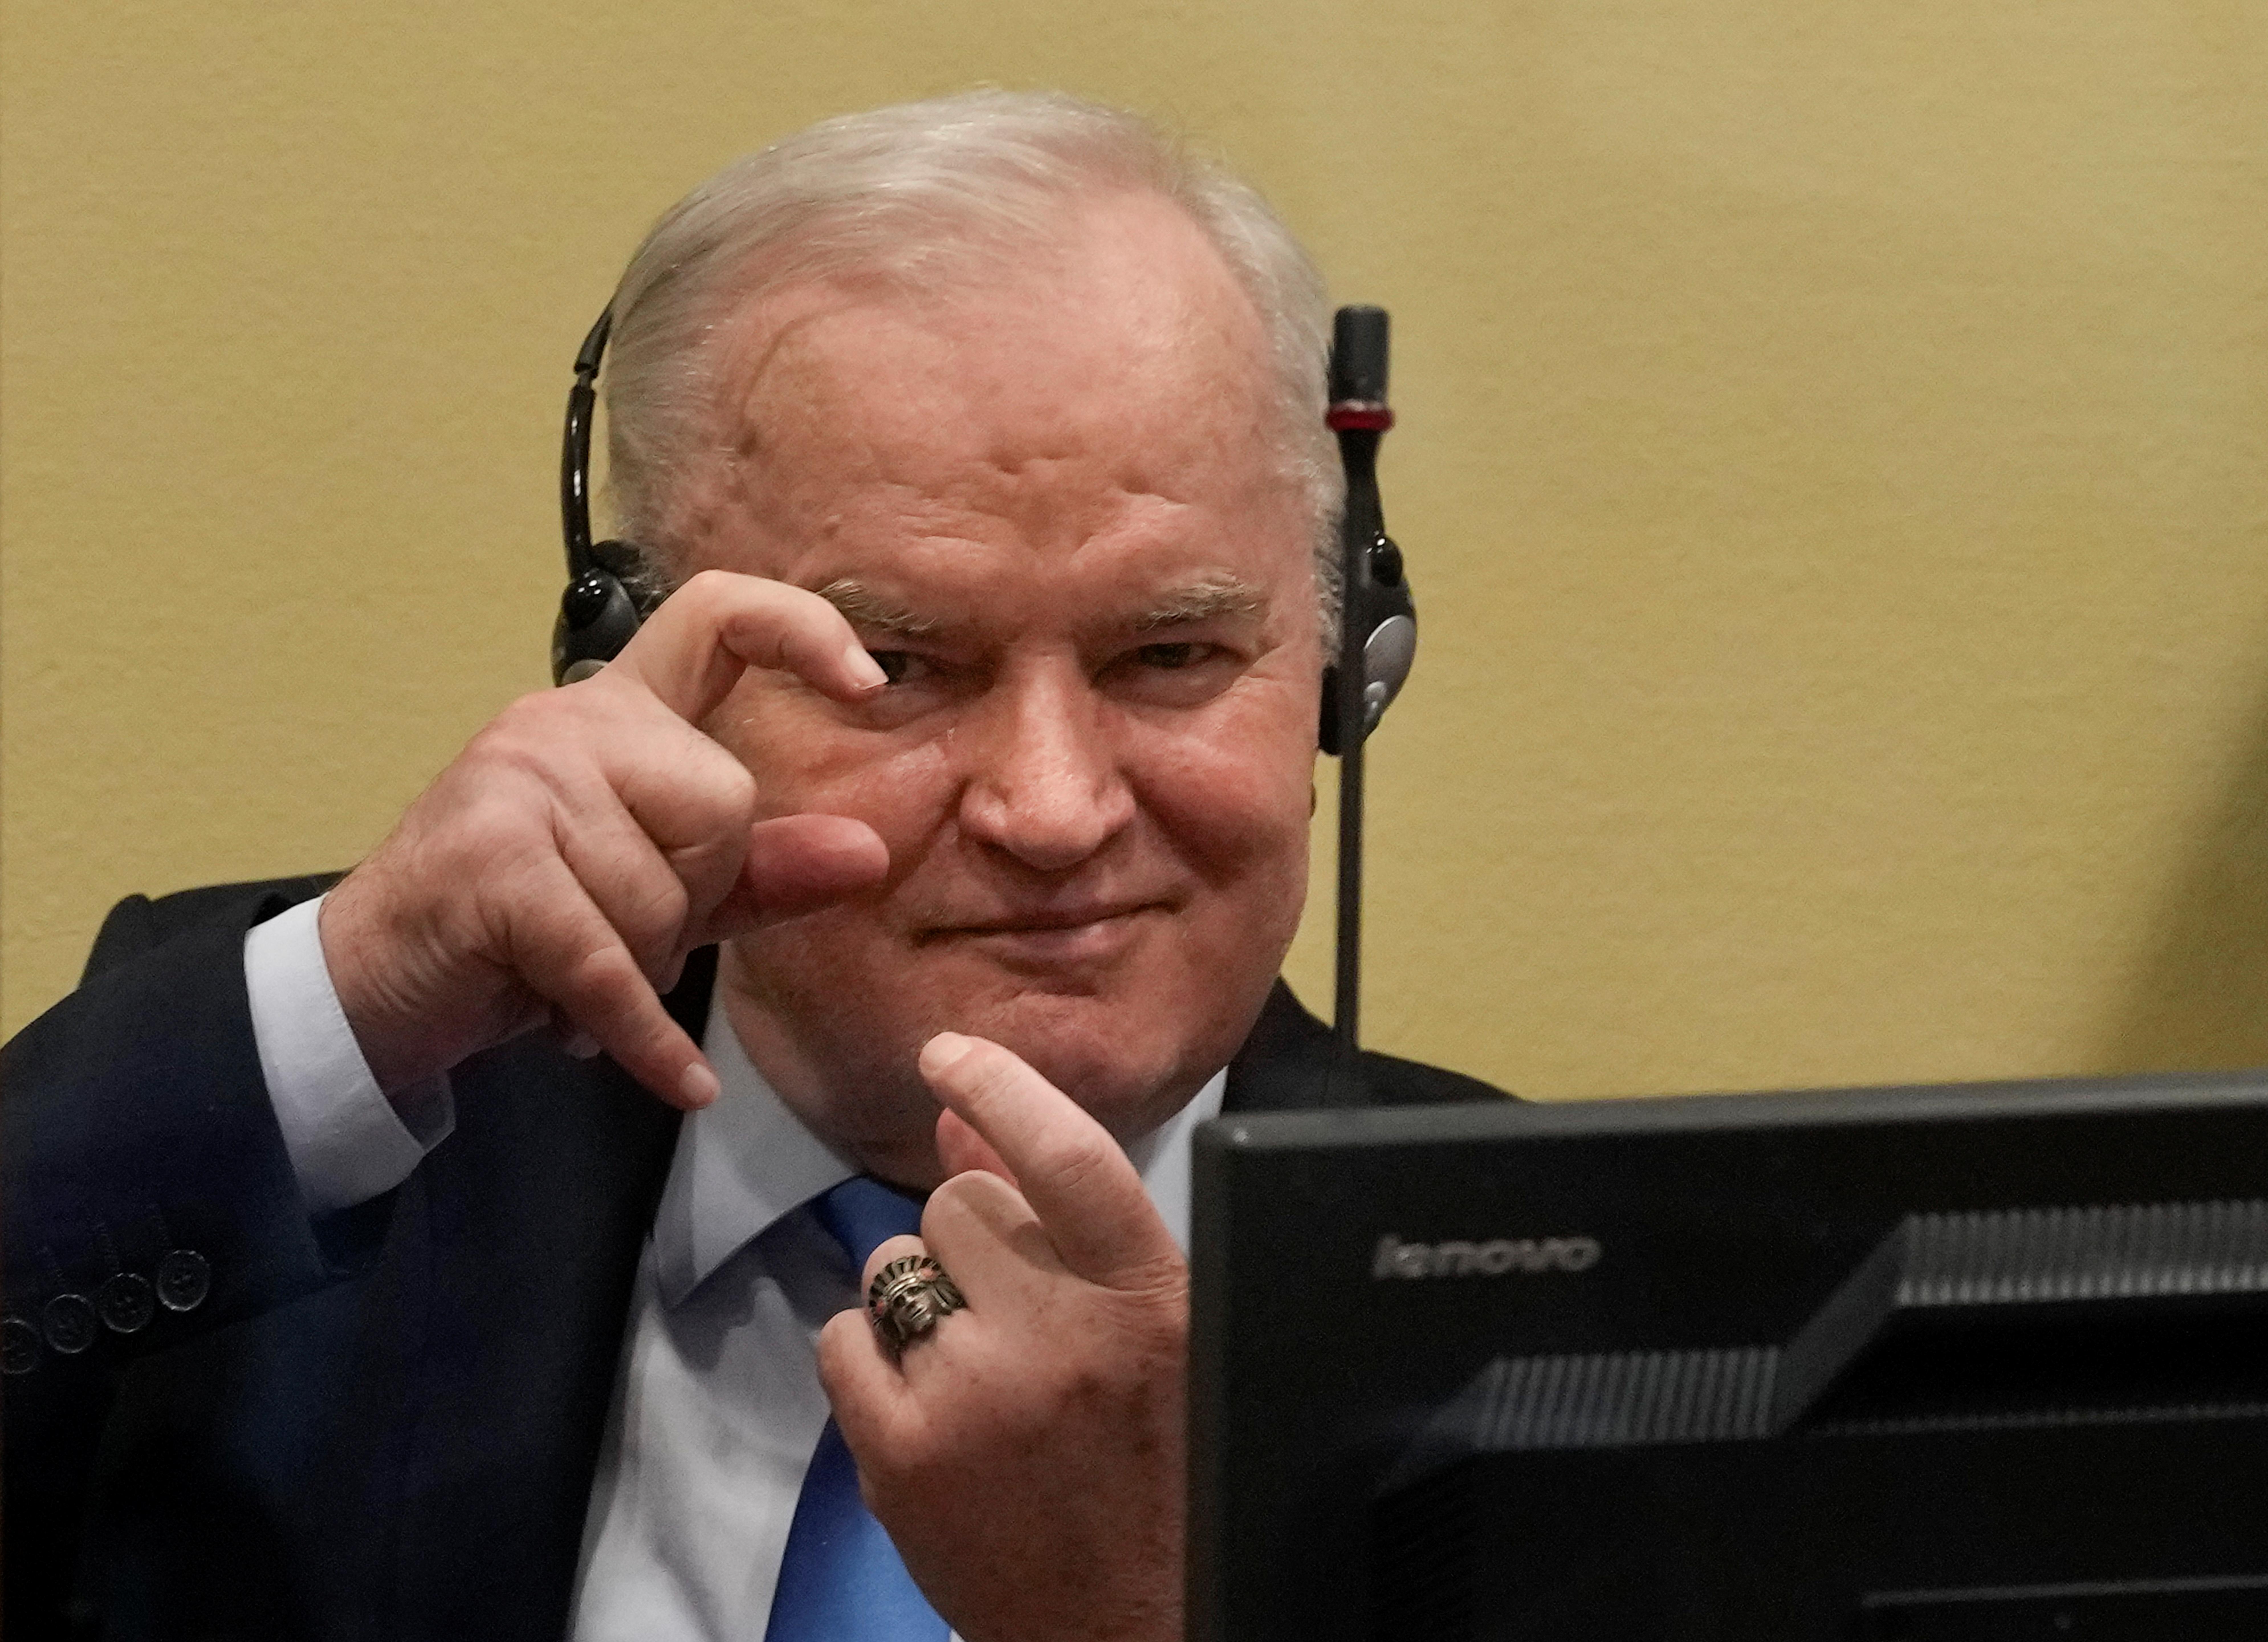 Колишній військовий керівник боснійських сербів Ратко Младич жестикулював до винесення апеляційного рішення в Міжнародному залишковому механізмі ООН для кримінальних трибуналів (IRMCT) в Гаазі, Нідерланди, 8 червня 2021 року. Пітер Деджонг / Пул через REUTERS